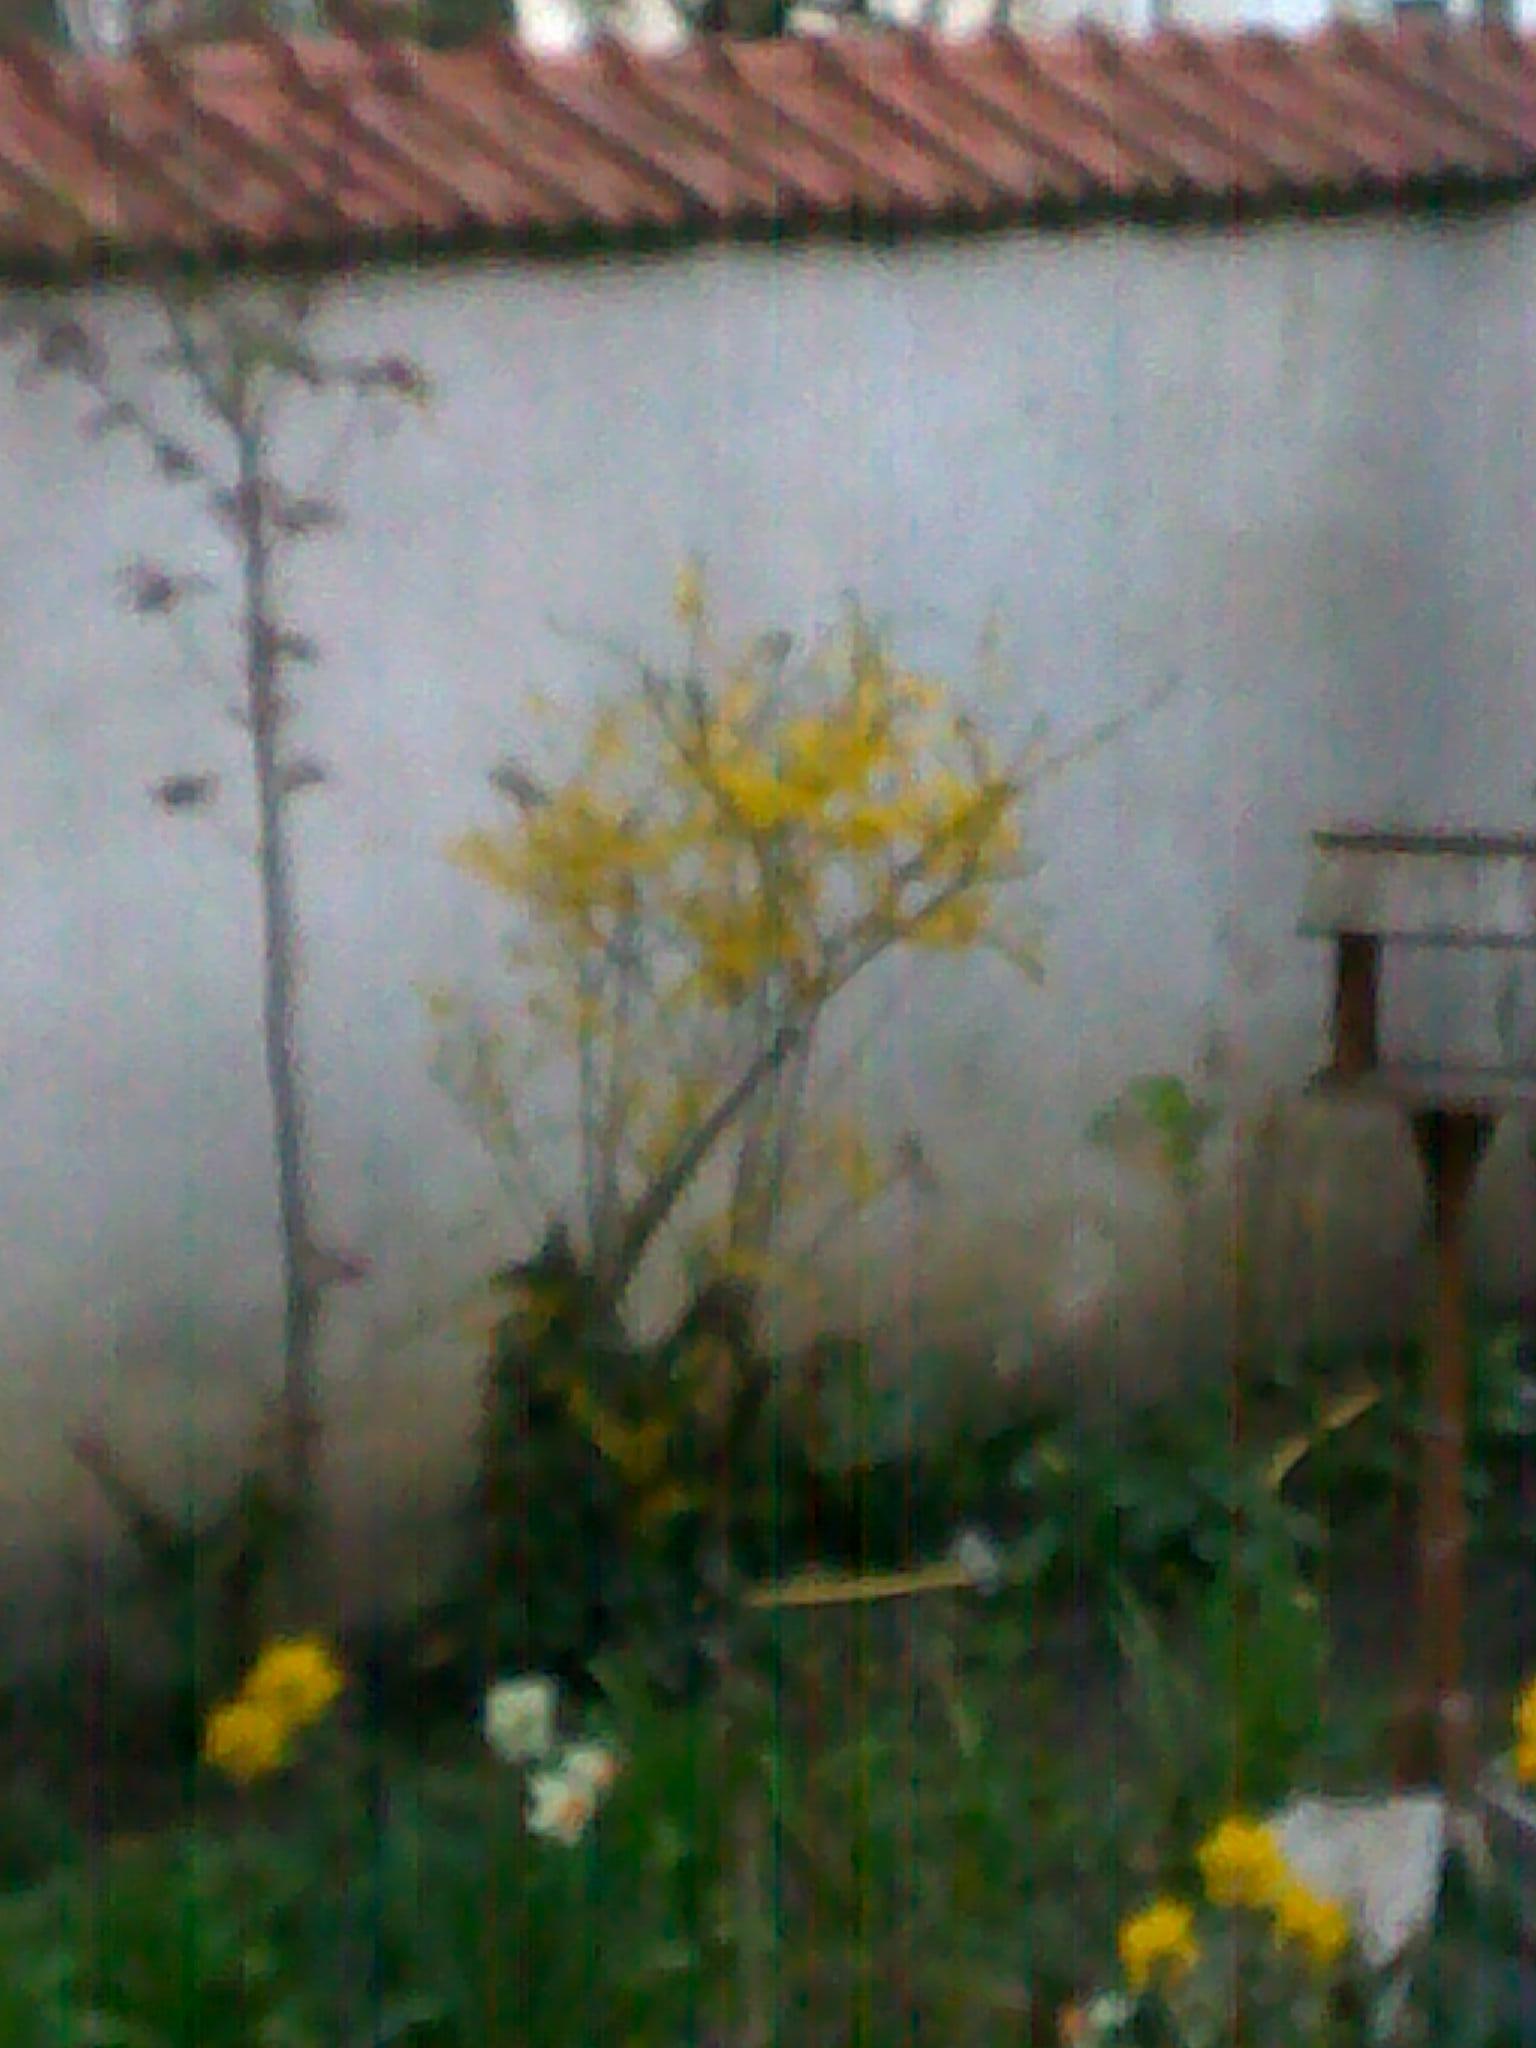 quelques photos de mon jardin 85895714042013140